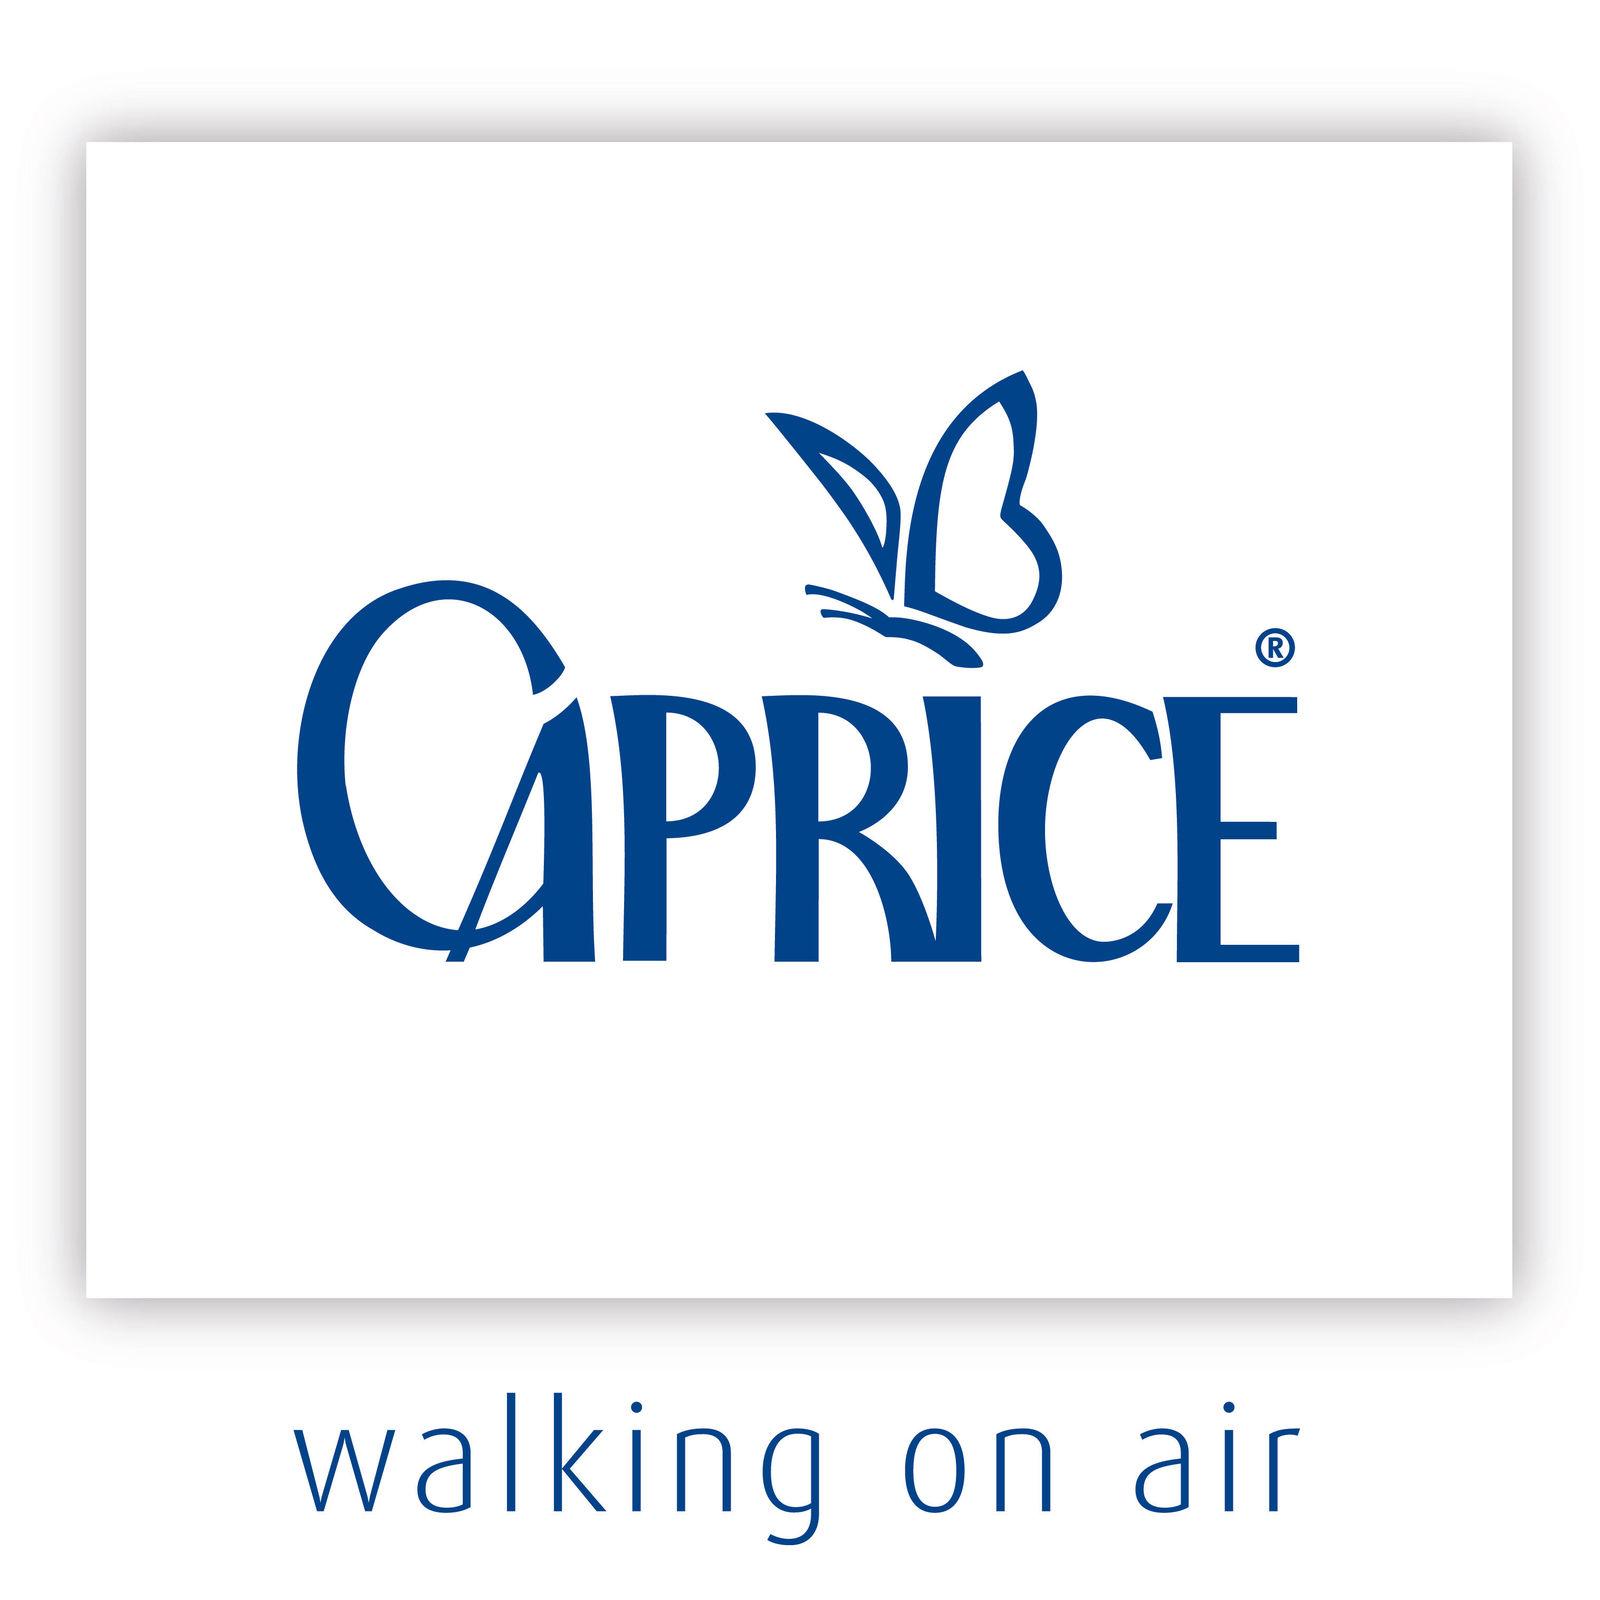 CAPRICE (Bild 1)